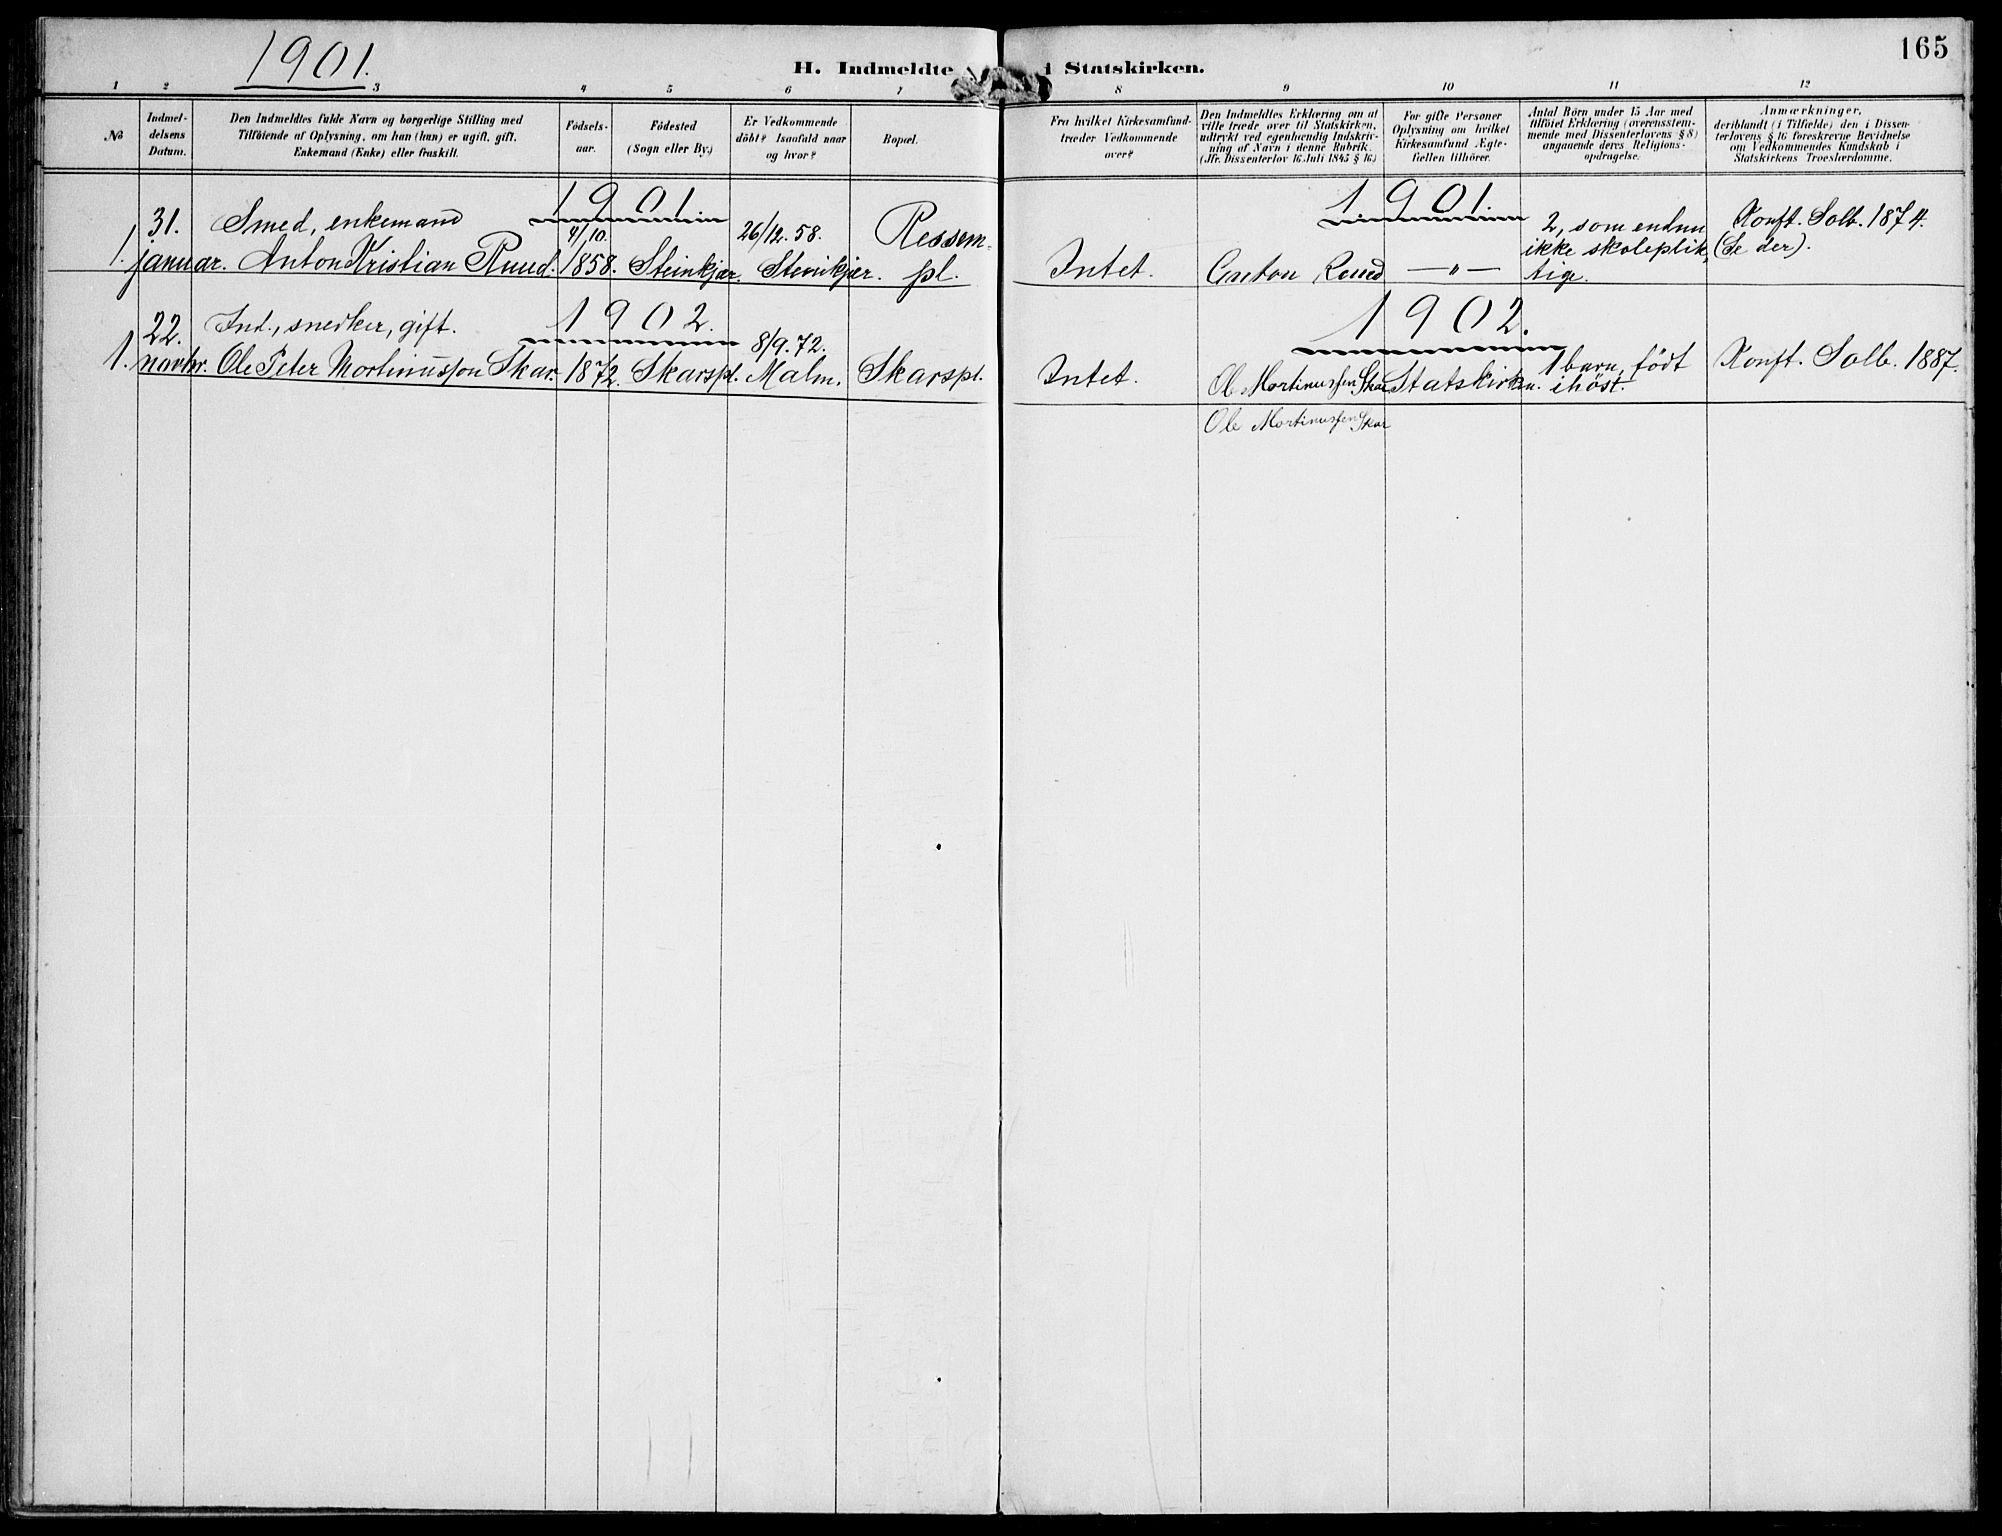 SAT, Ministerialprotokoller, klokkerbøker og fødselsregistre - Nord-Trøndelag, 745/L0430: Ministerialbok nr. 745A02, 1895-1913, s. 165